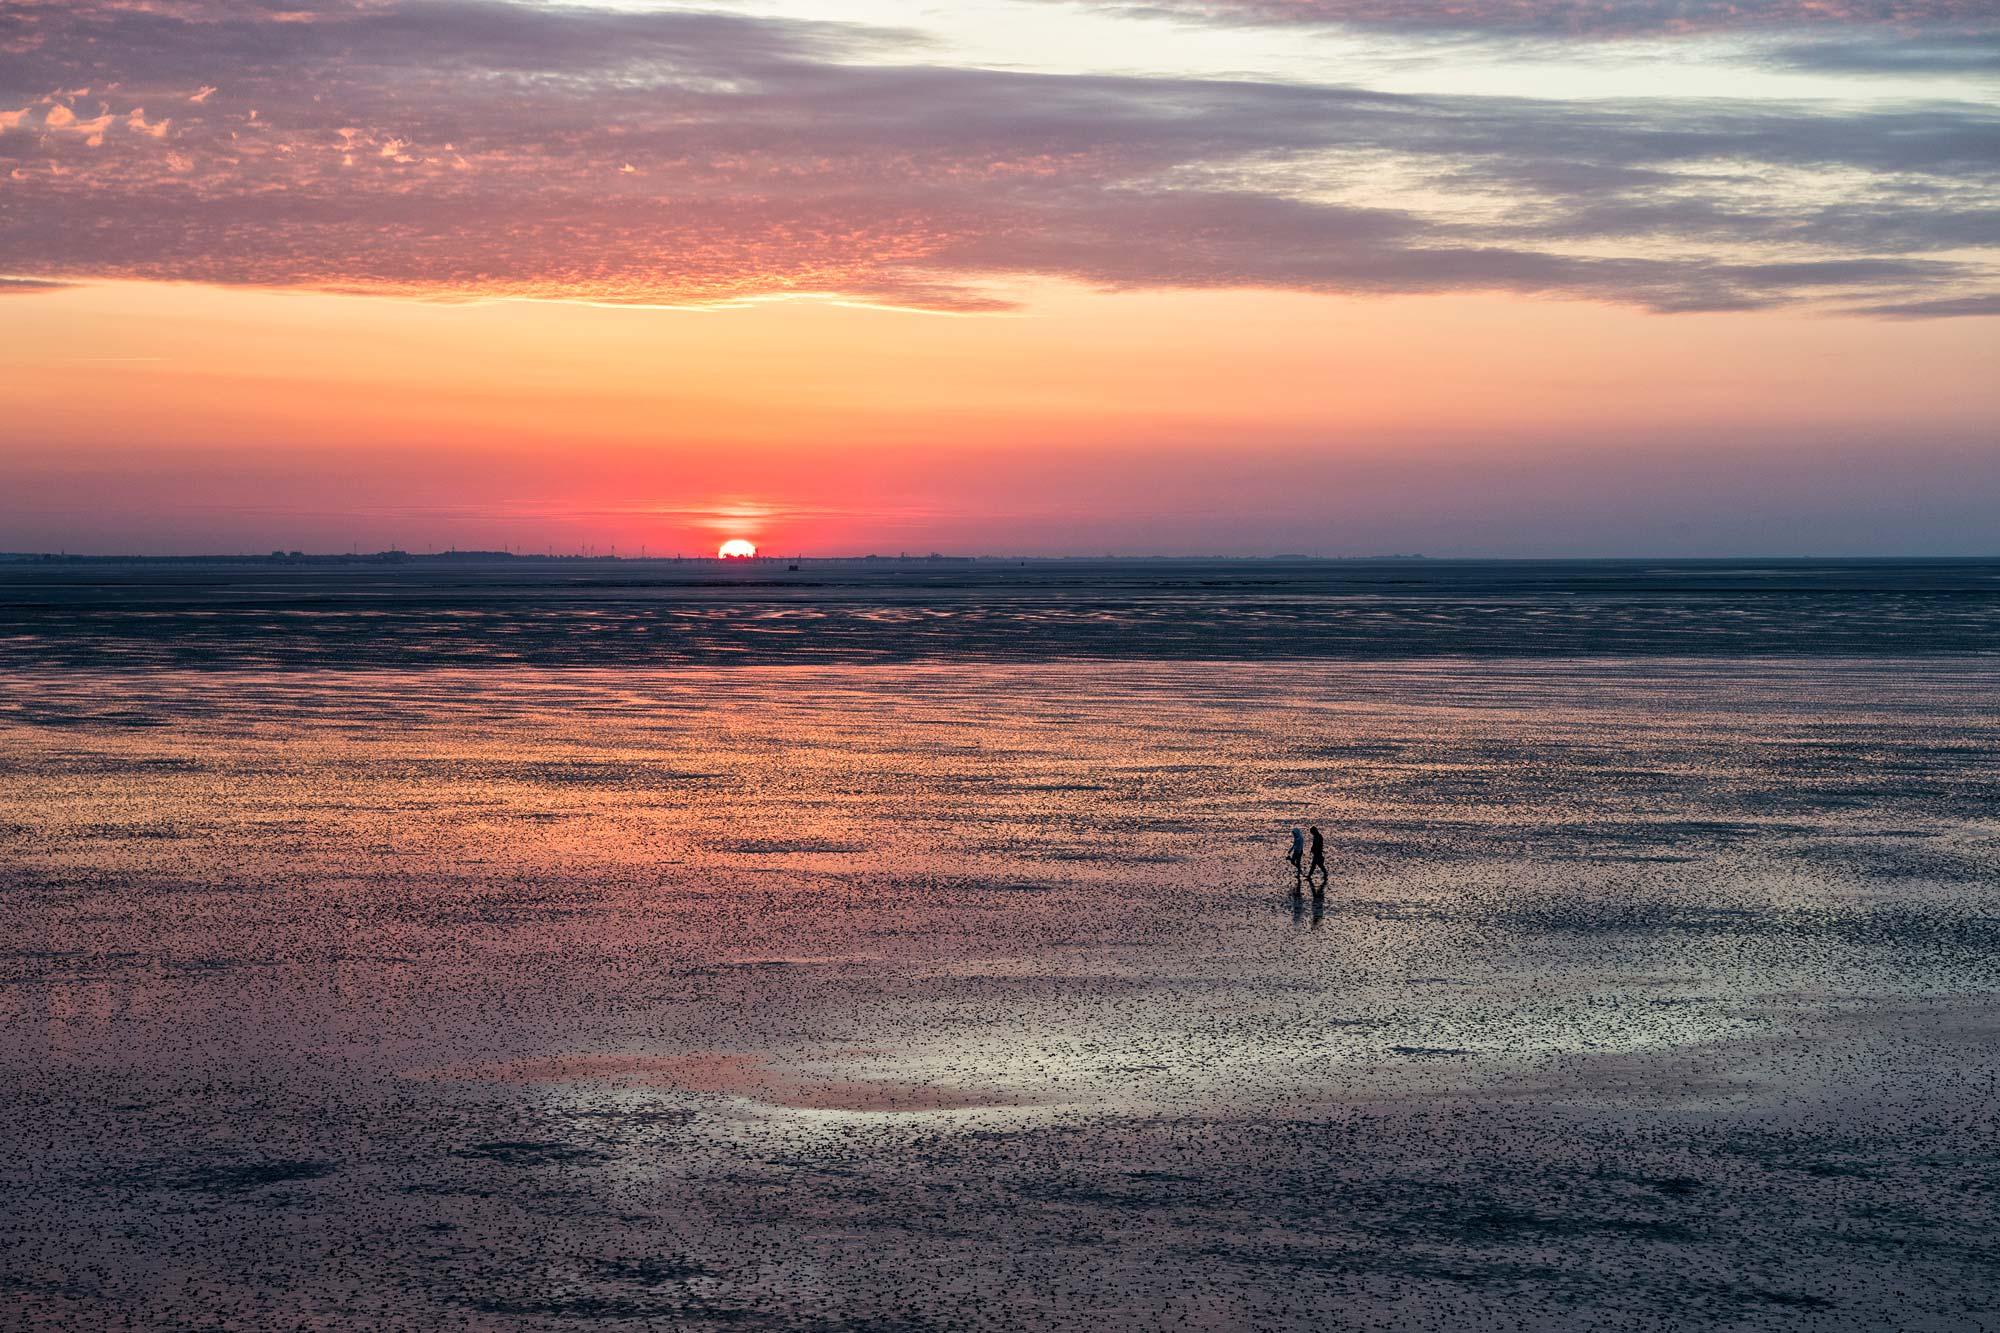 Glückwunsch zu 10 Jahren UNESCO Weltnaturerbe Wattenmeer © Florian Trykowski